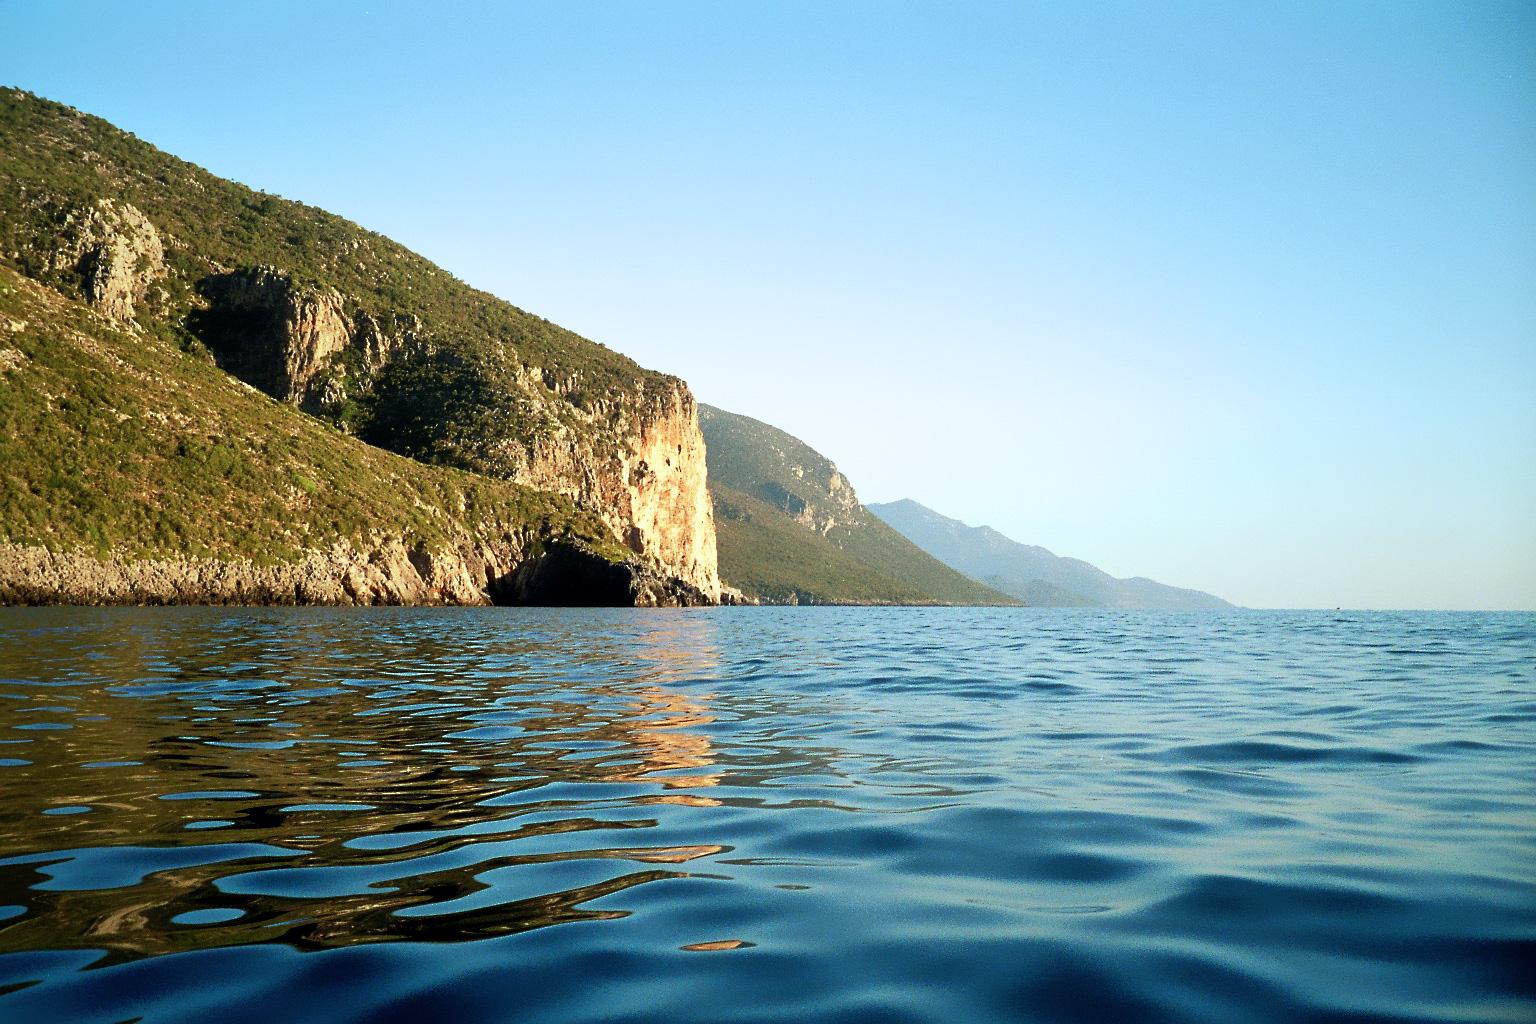 Mit dem Schlauchboot entlang der Steilküste.